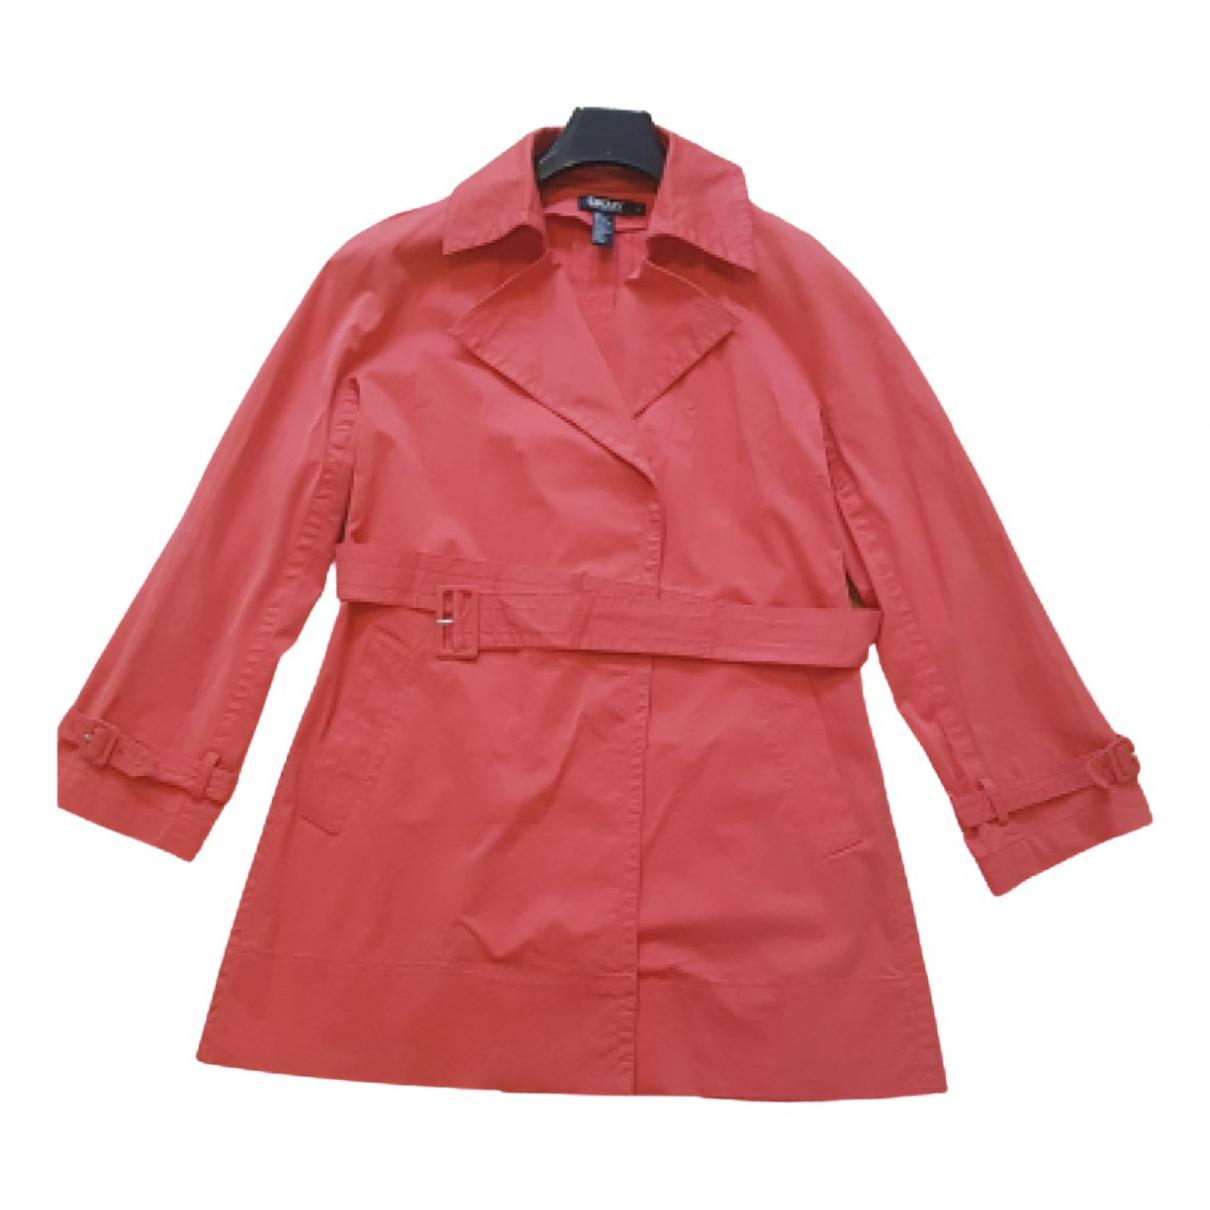 Dkny - Trench   pour femme en coton - rouge